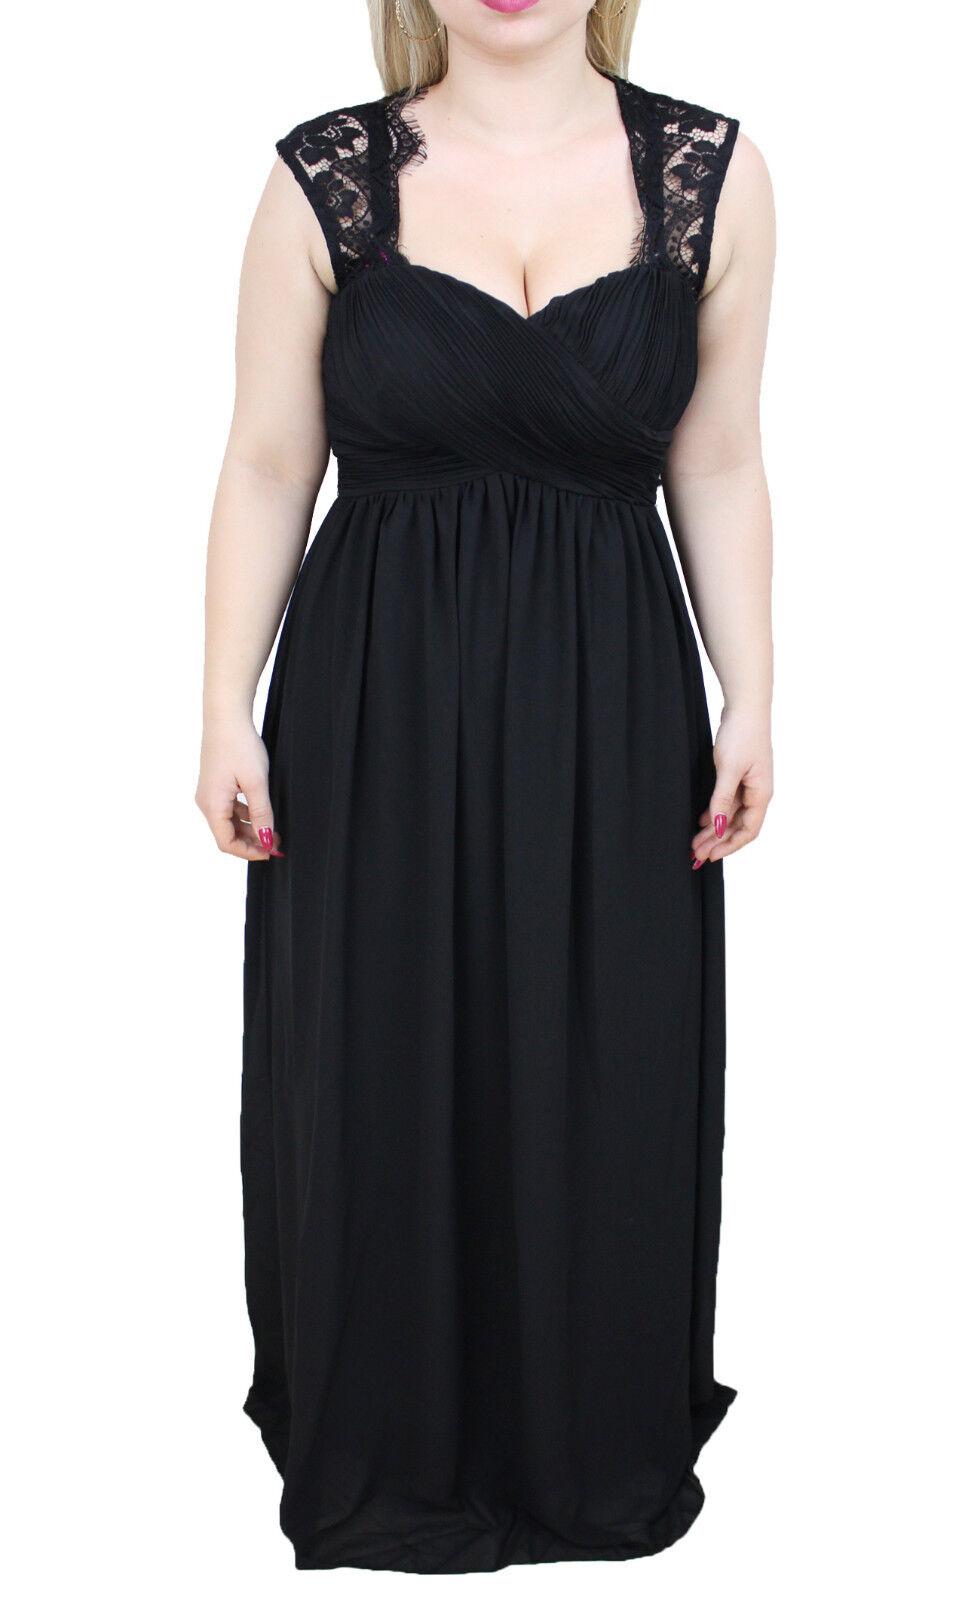 1231 - Abito donna nero made in  elegante cerimonia vestito lungo in pizzo